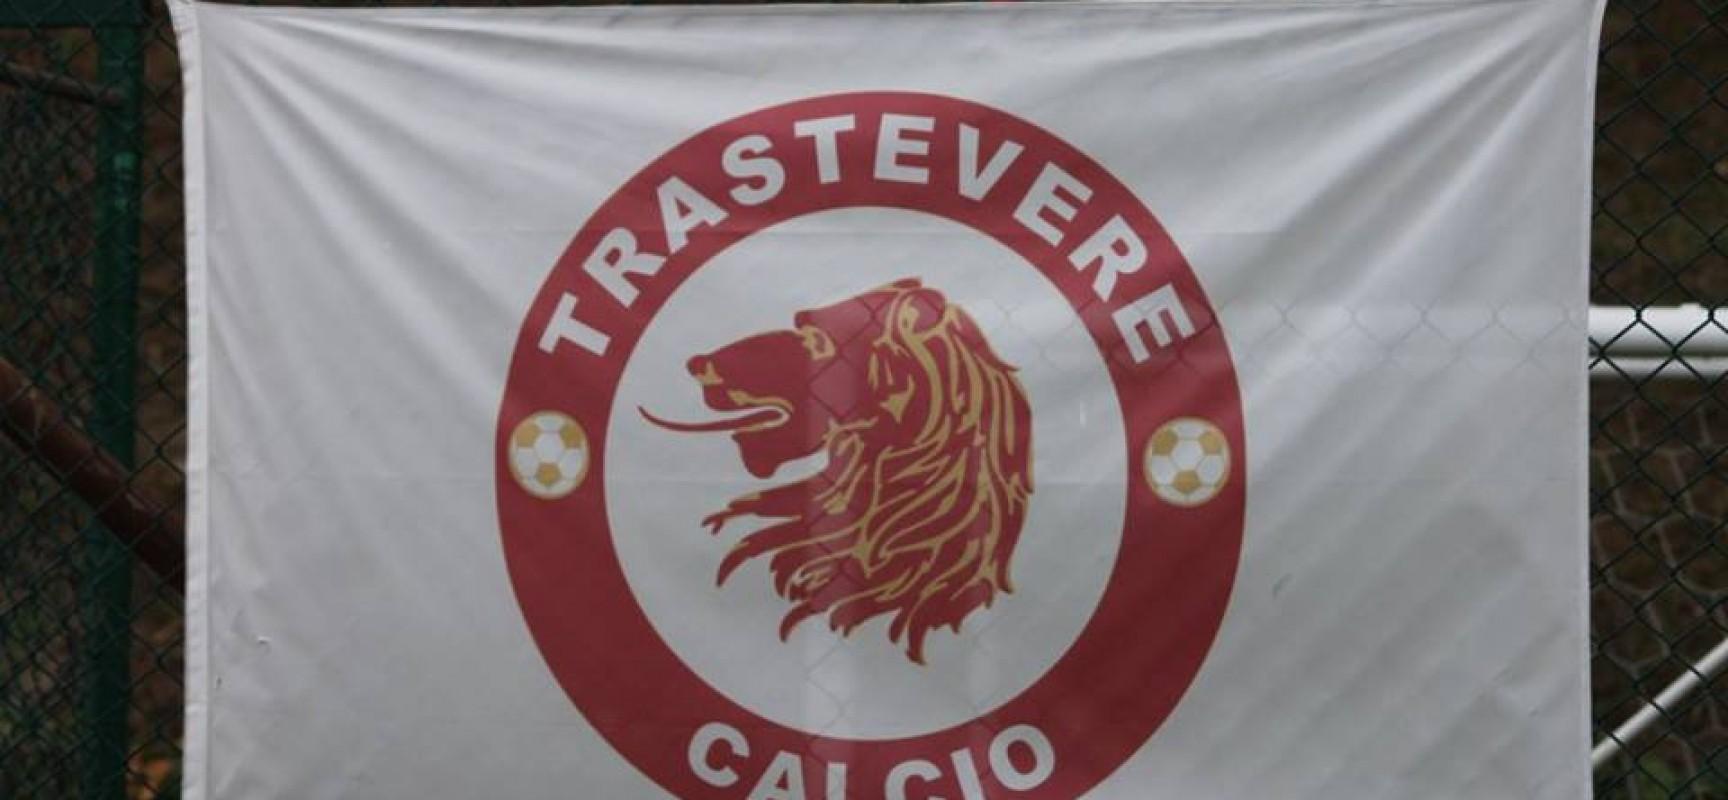 Stagione 2016-2017, inizia la Scuola Calcio!